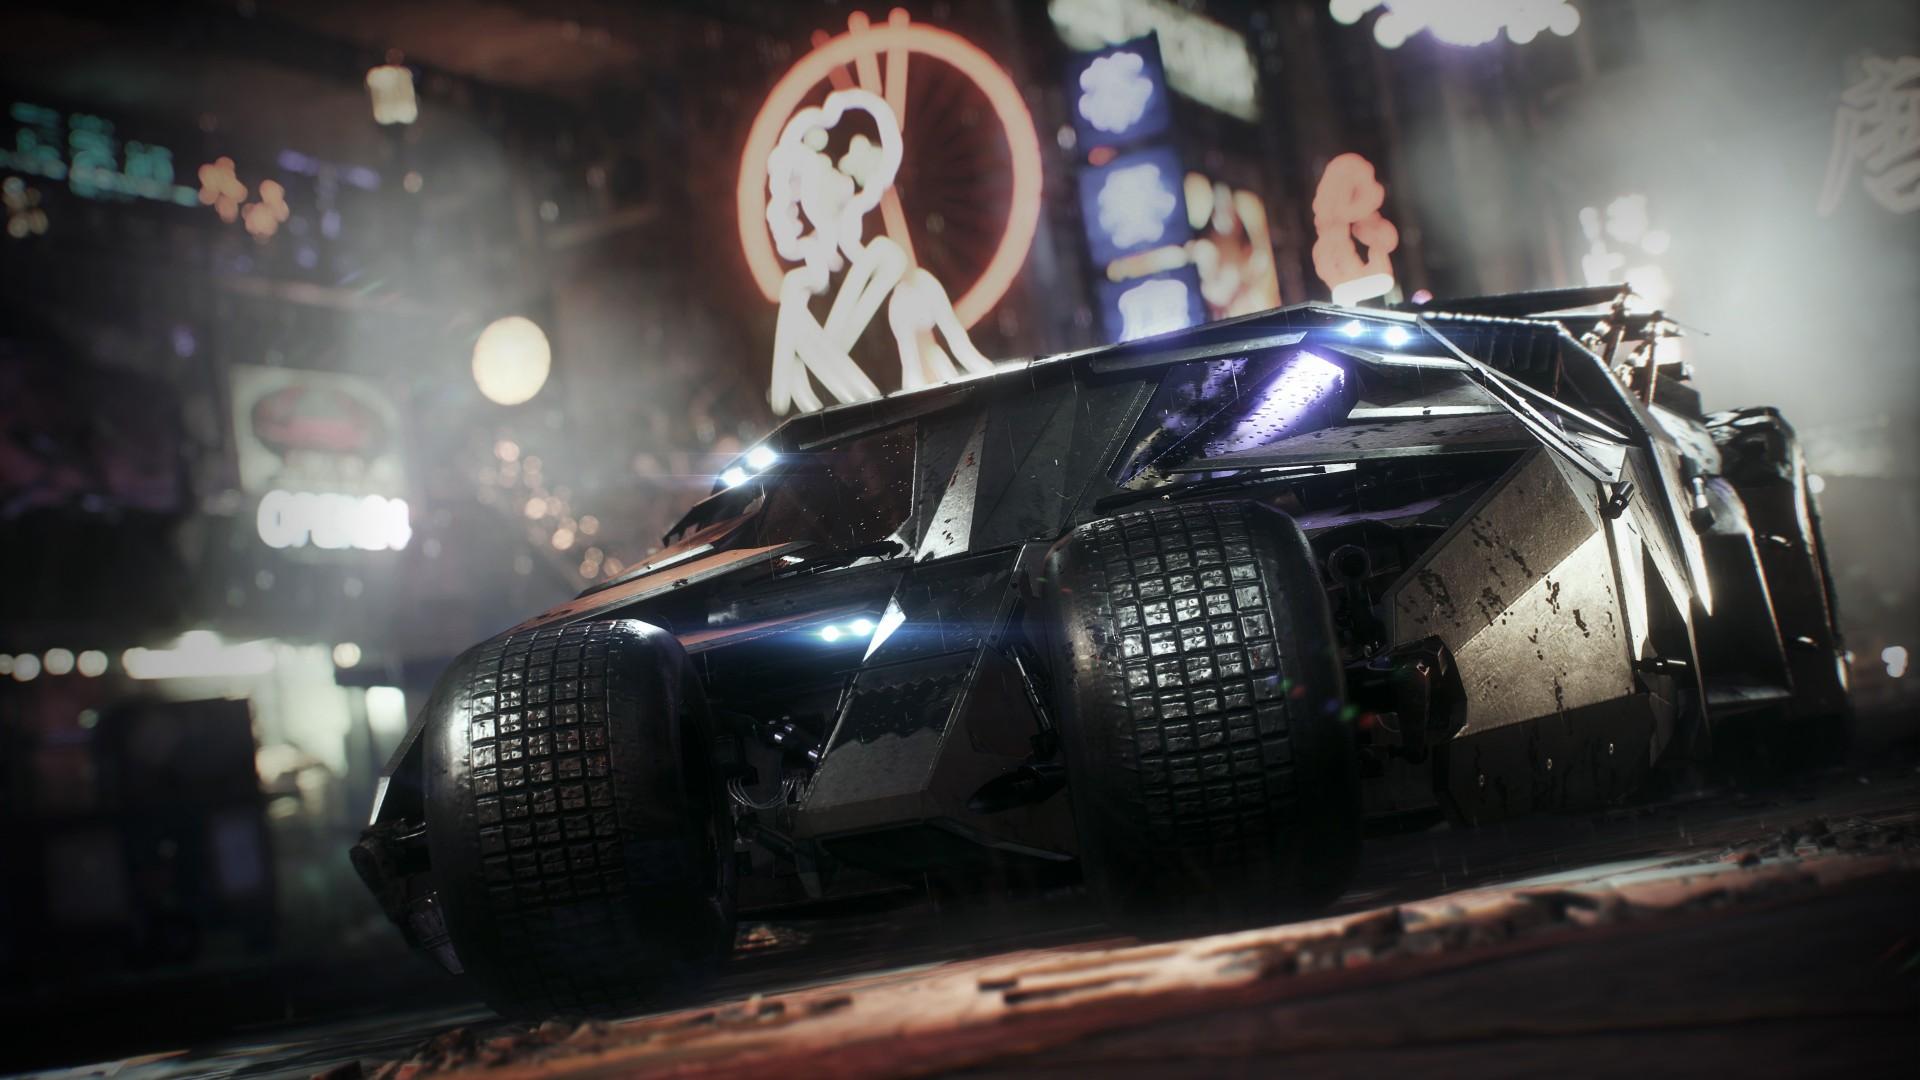 Iphone 5 Wallpaper Hd Star Wars Batman Tumbler Batmobile 4k Wallpapers Hd Wallpapers